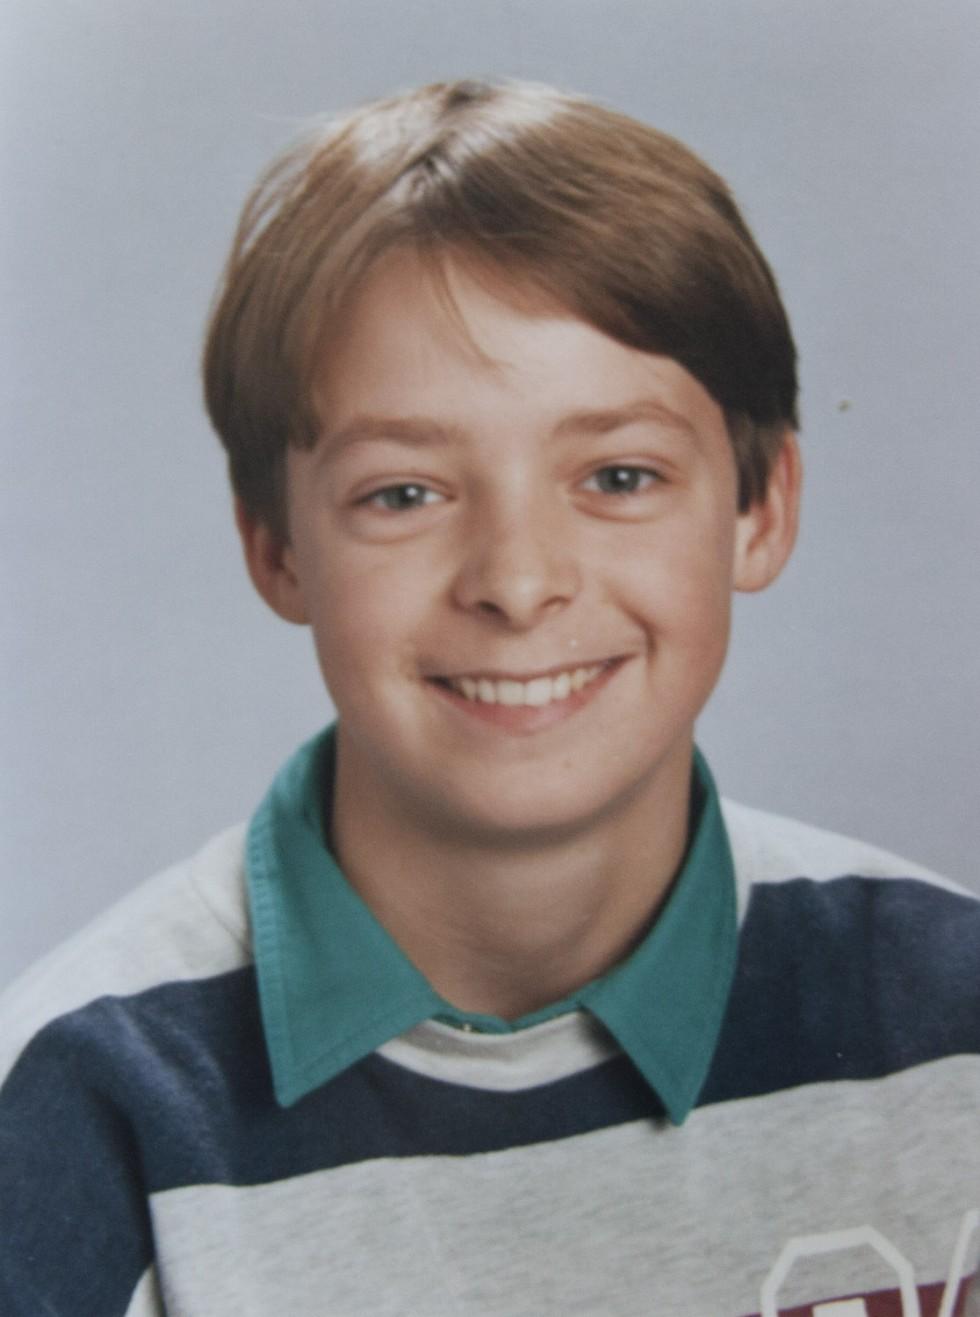 Sidste portrætbillede i omkring 6. klasse - dette billede blev brugt på en konfirmationssang.